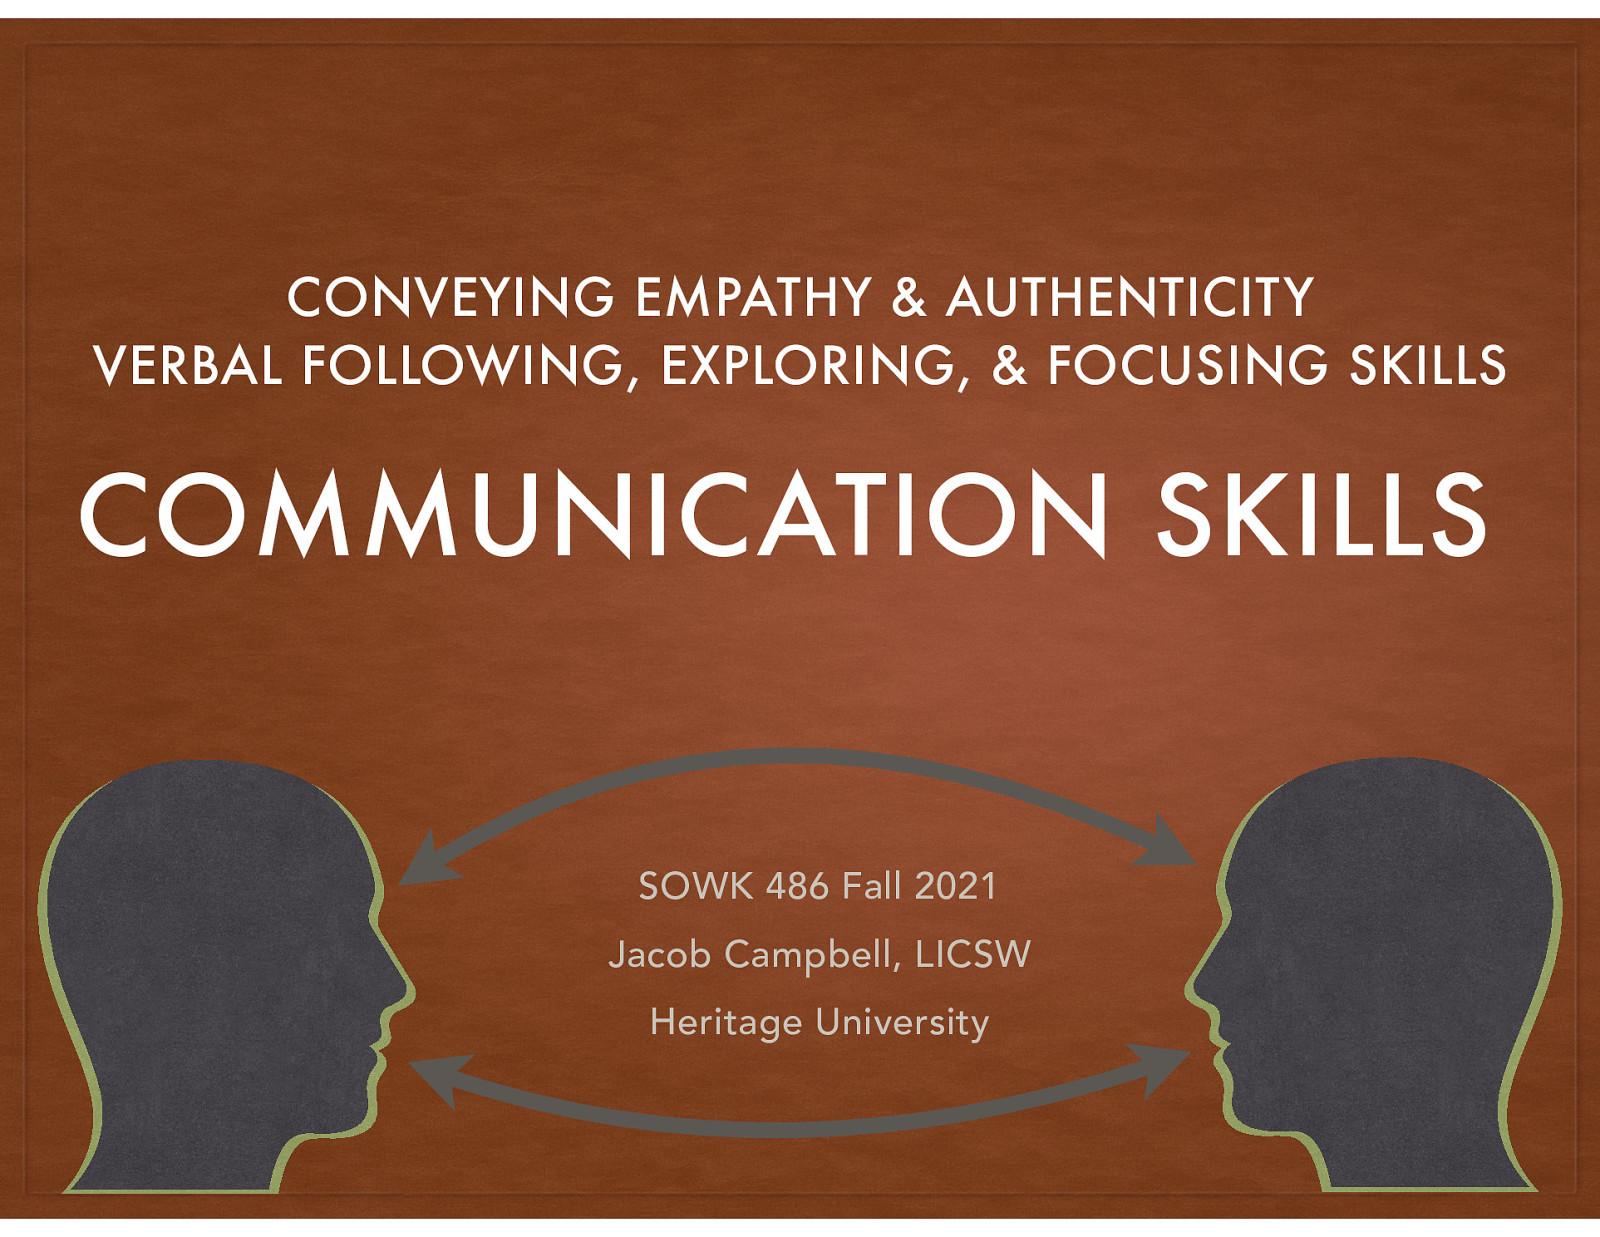 SOWK 486 - Week 05 - Communication Skills